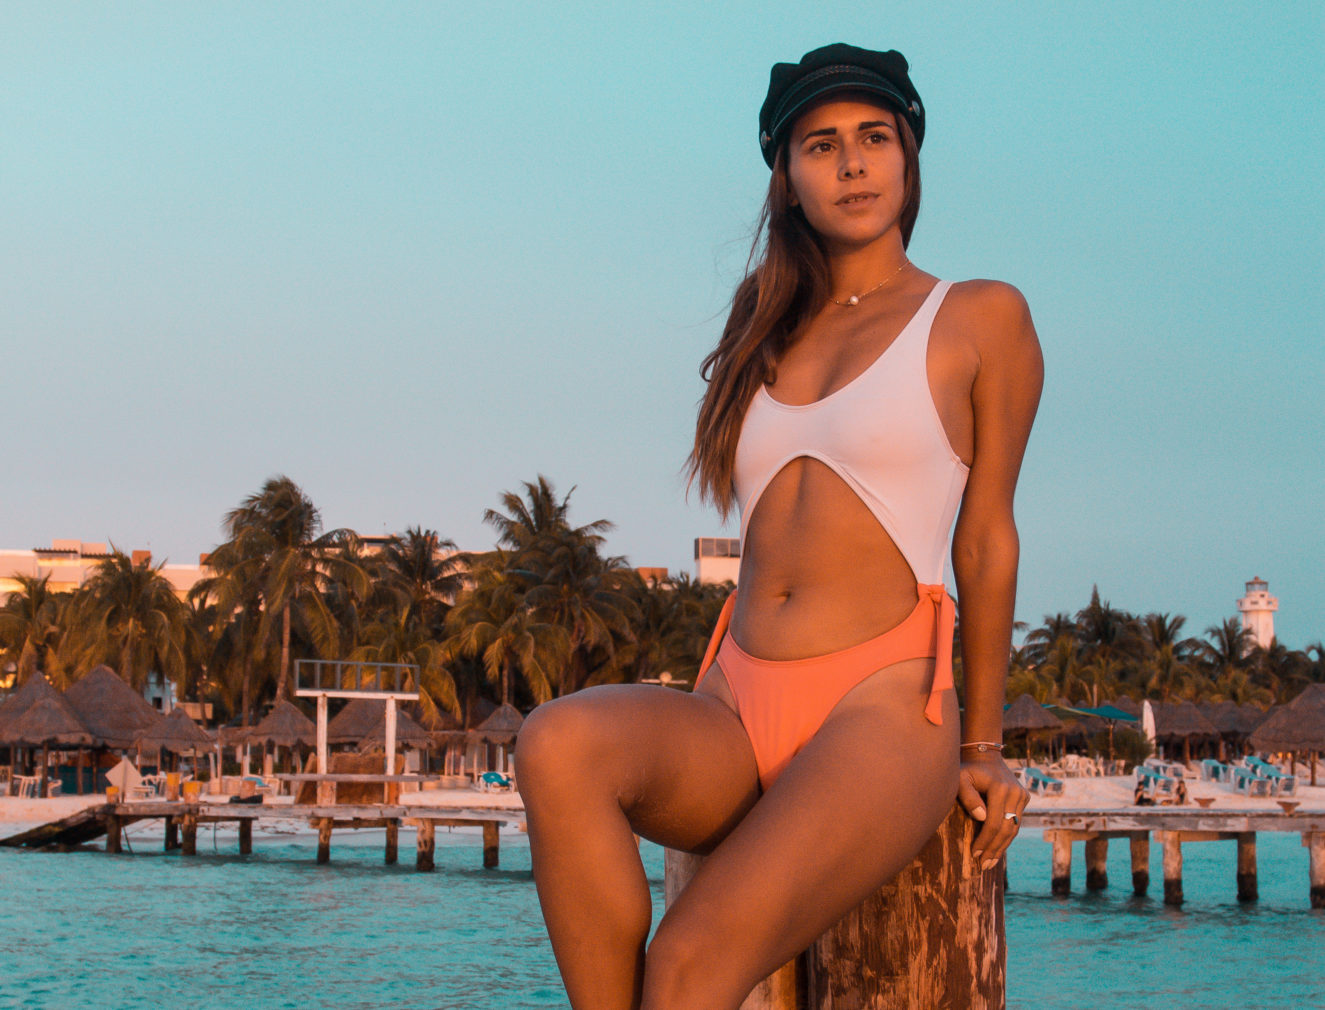 Flor Gaona, Isla Mujeres, Bikini, Traje de Baño, México, Body, Beach, Argentina, Two Piece, Travel, Instagram